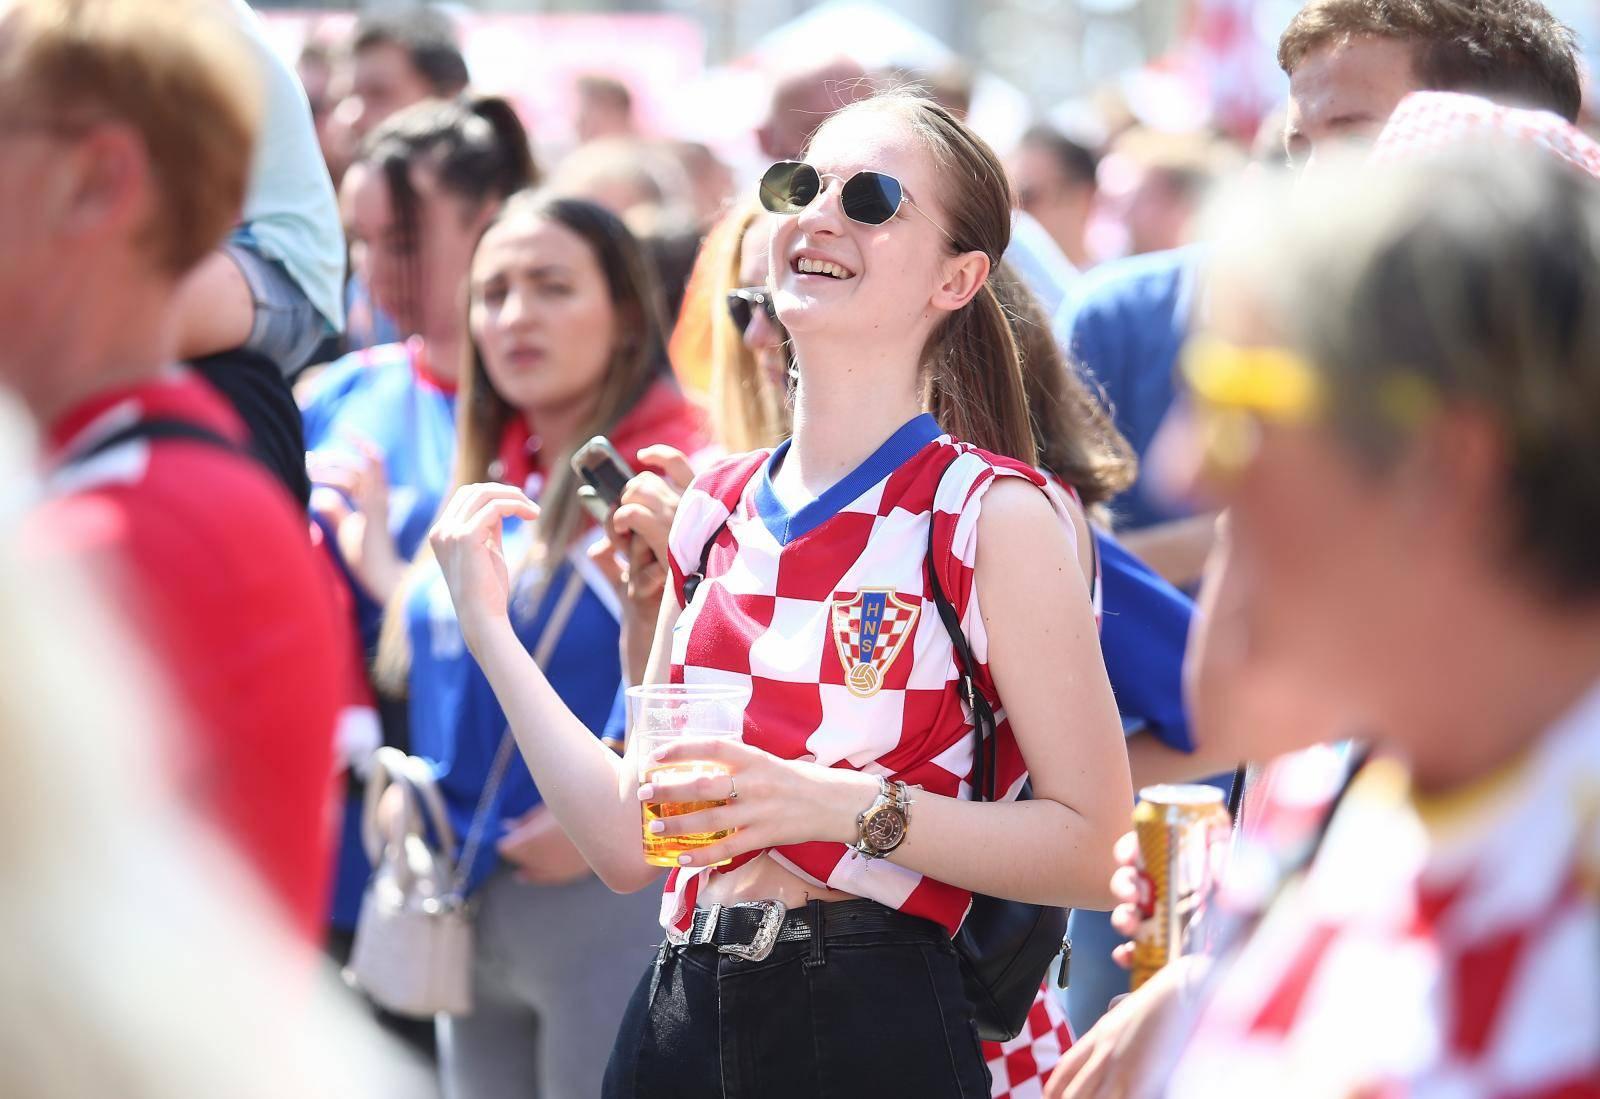 Sve je u kockicama: Pogledajte navijanje u Zagrebu i Splitu